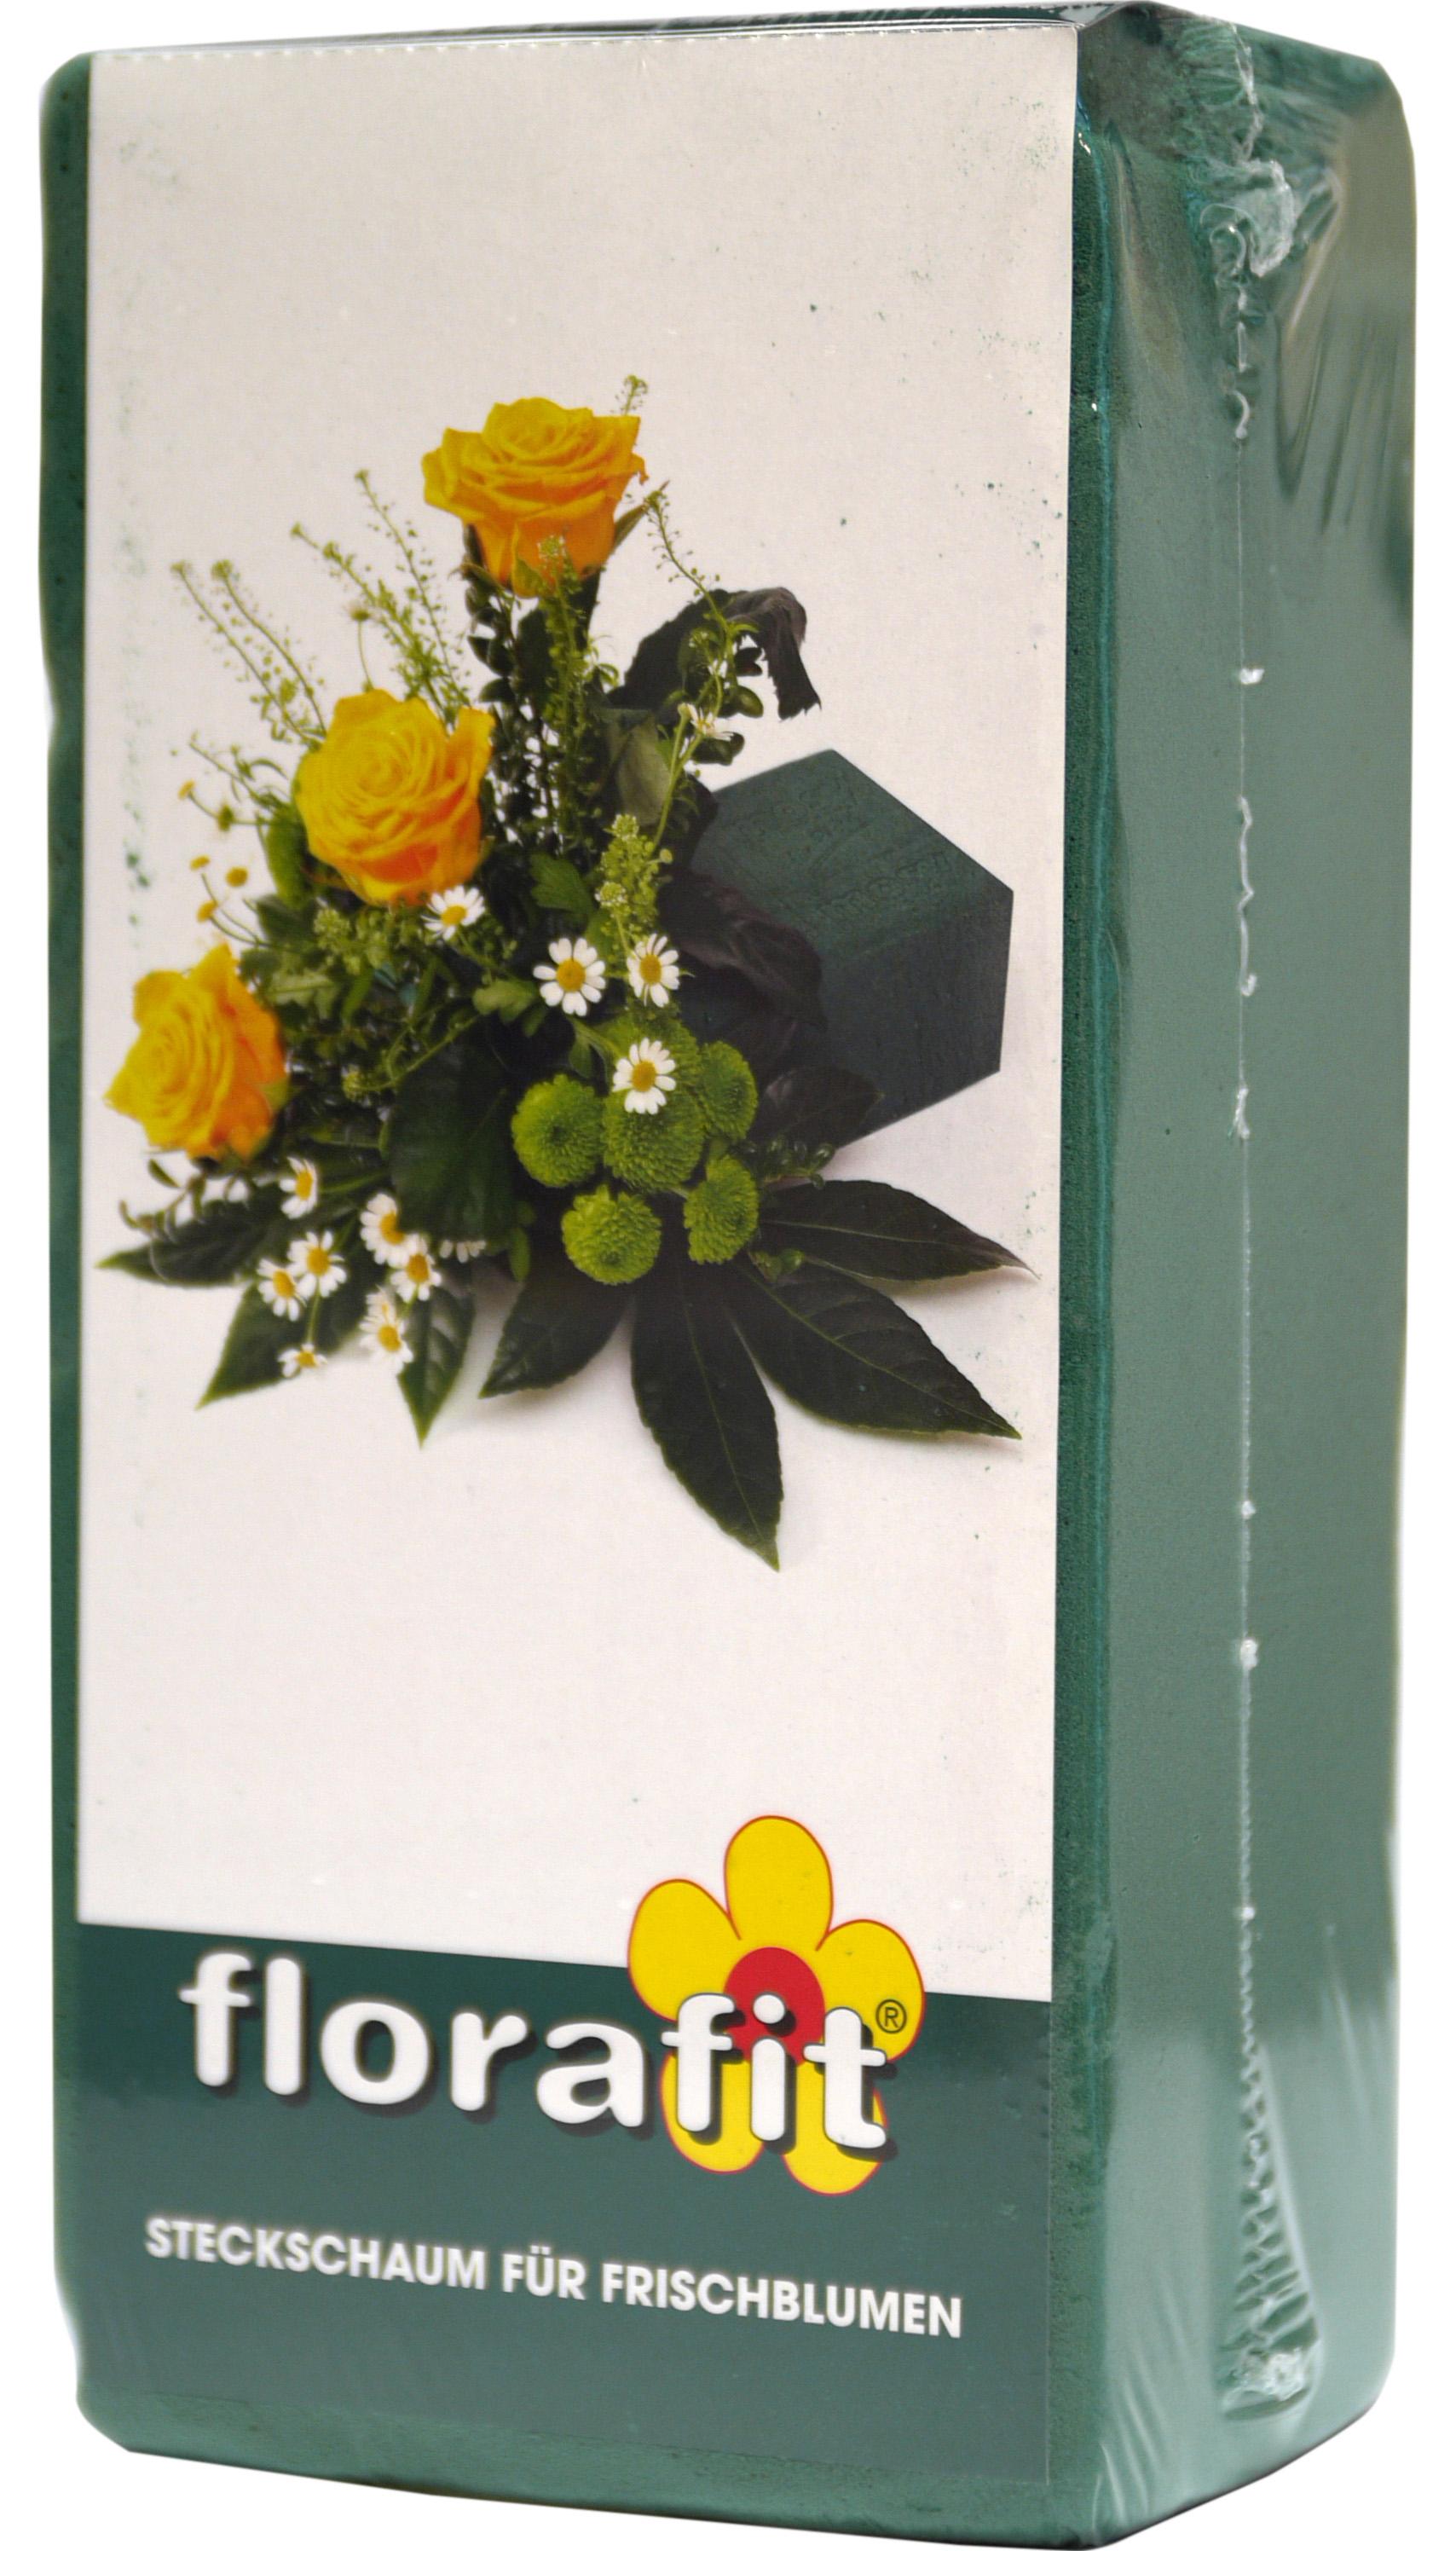 02275 - florafit Steckschaum für Frischblumen